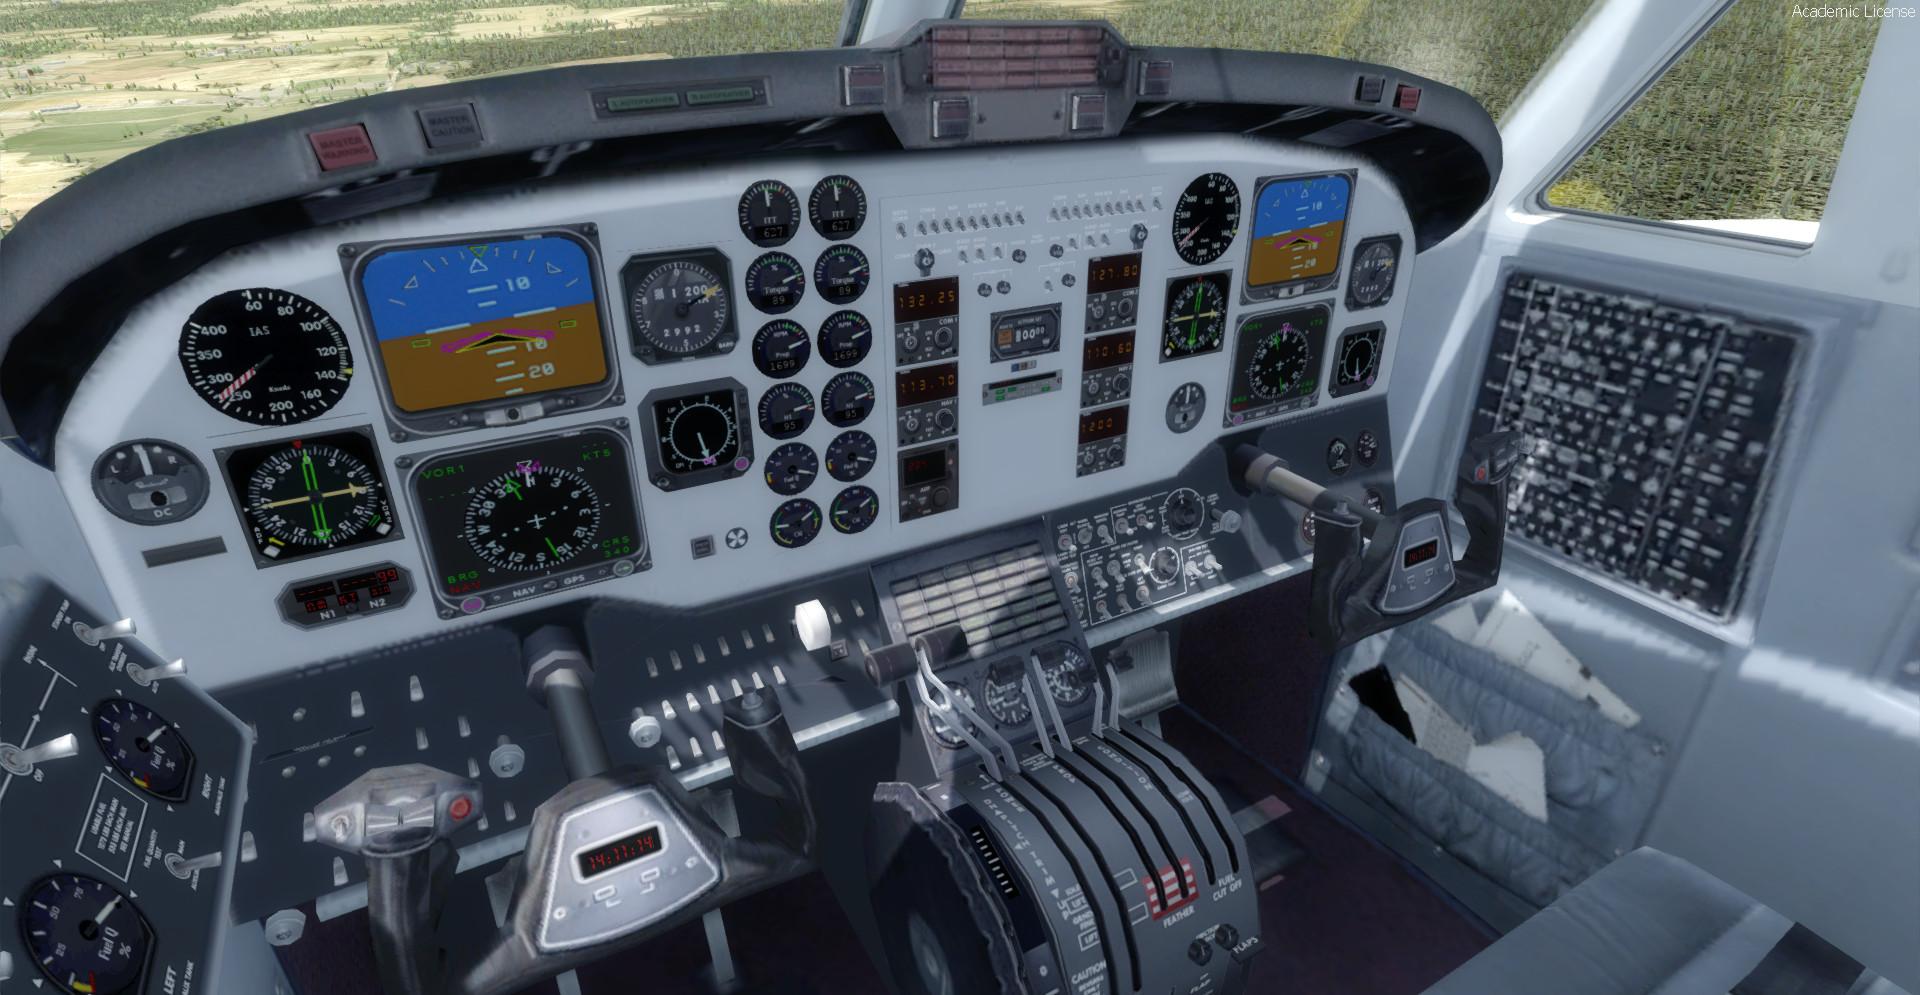 Avion De Descargas De Emb 120 X-plane :: locountrotslas cf